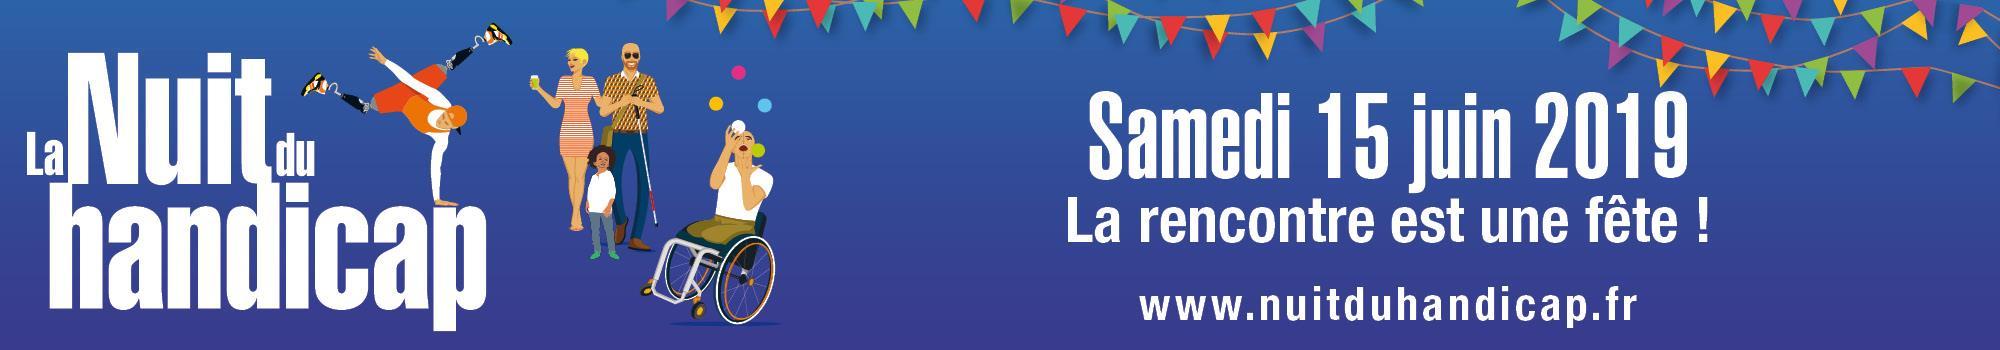 La Nuit du handicap 2019 - Orléans - LA NUIT DU HANDICAP